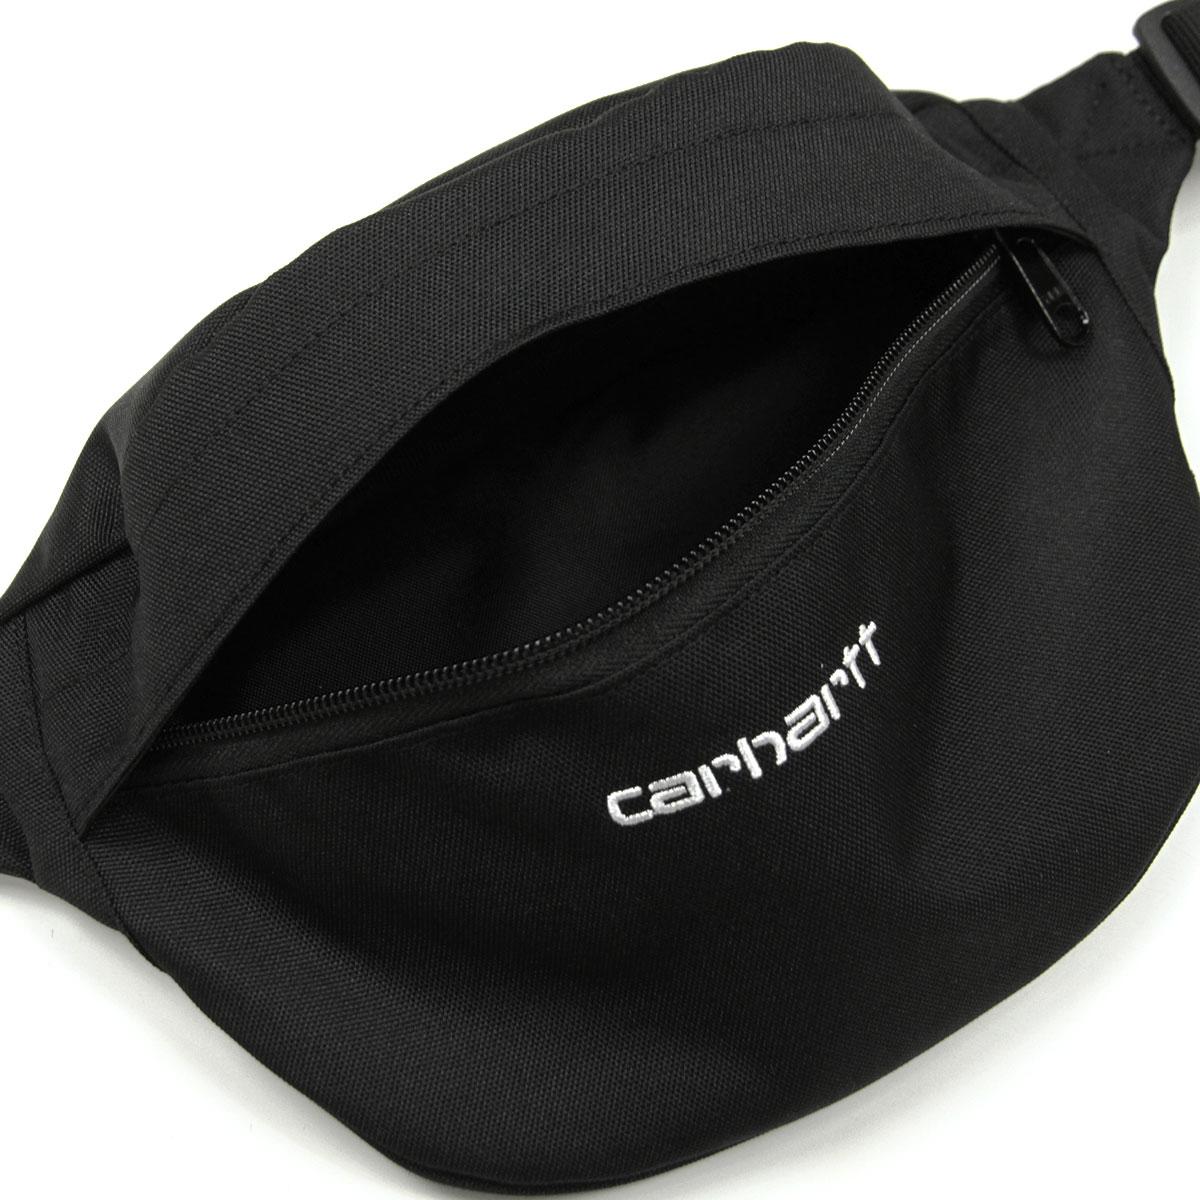 カーハート ボディーバッグ メンズ レディース 正規品 CARHARTT WIP ヒップバッグ ショルダーバッグ CARHARTT WIP PAYTON HIP BAG BLACK/WHITE i025742-8990 AB0B B3C C8D D4E E13F